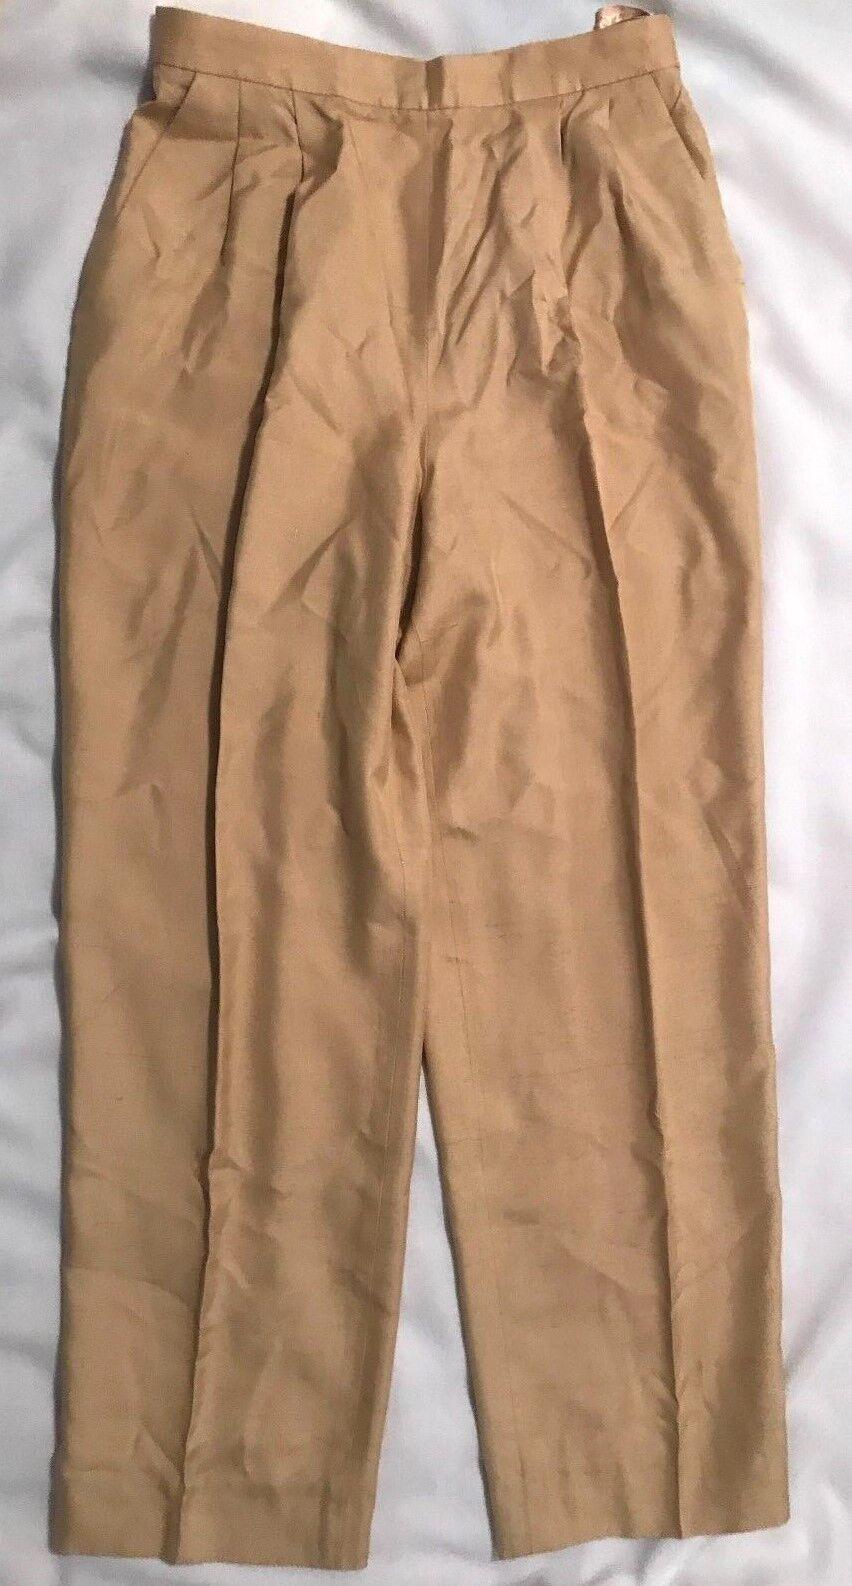 OSCAR DE LA RENTA STUDIO damen Gold Silk Pants-Größe 10-Fully Liined- Pleats-EUC